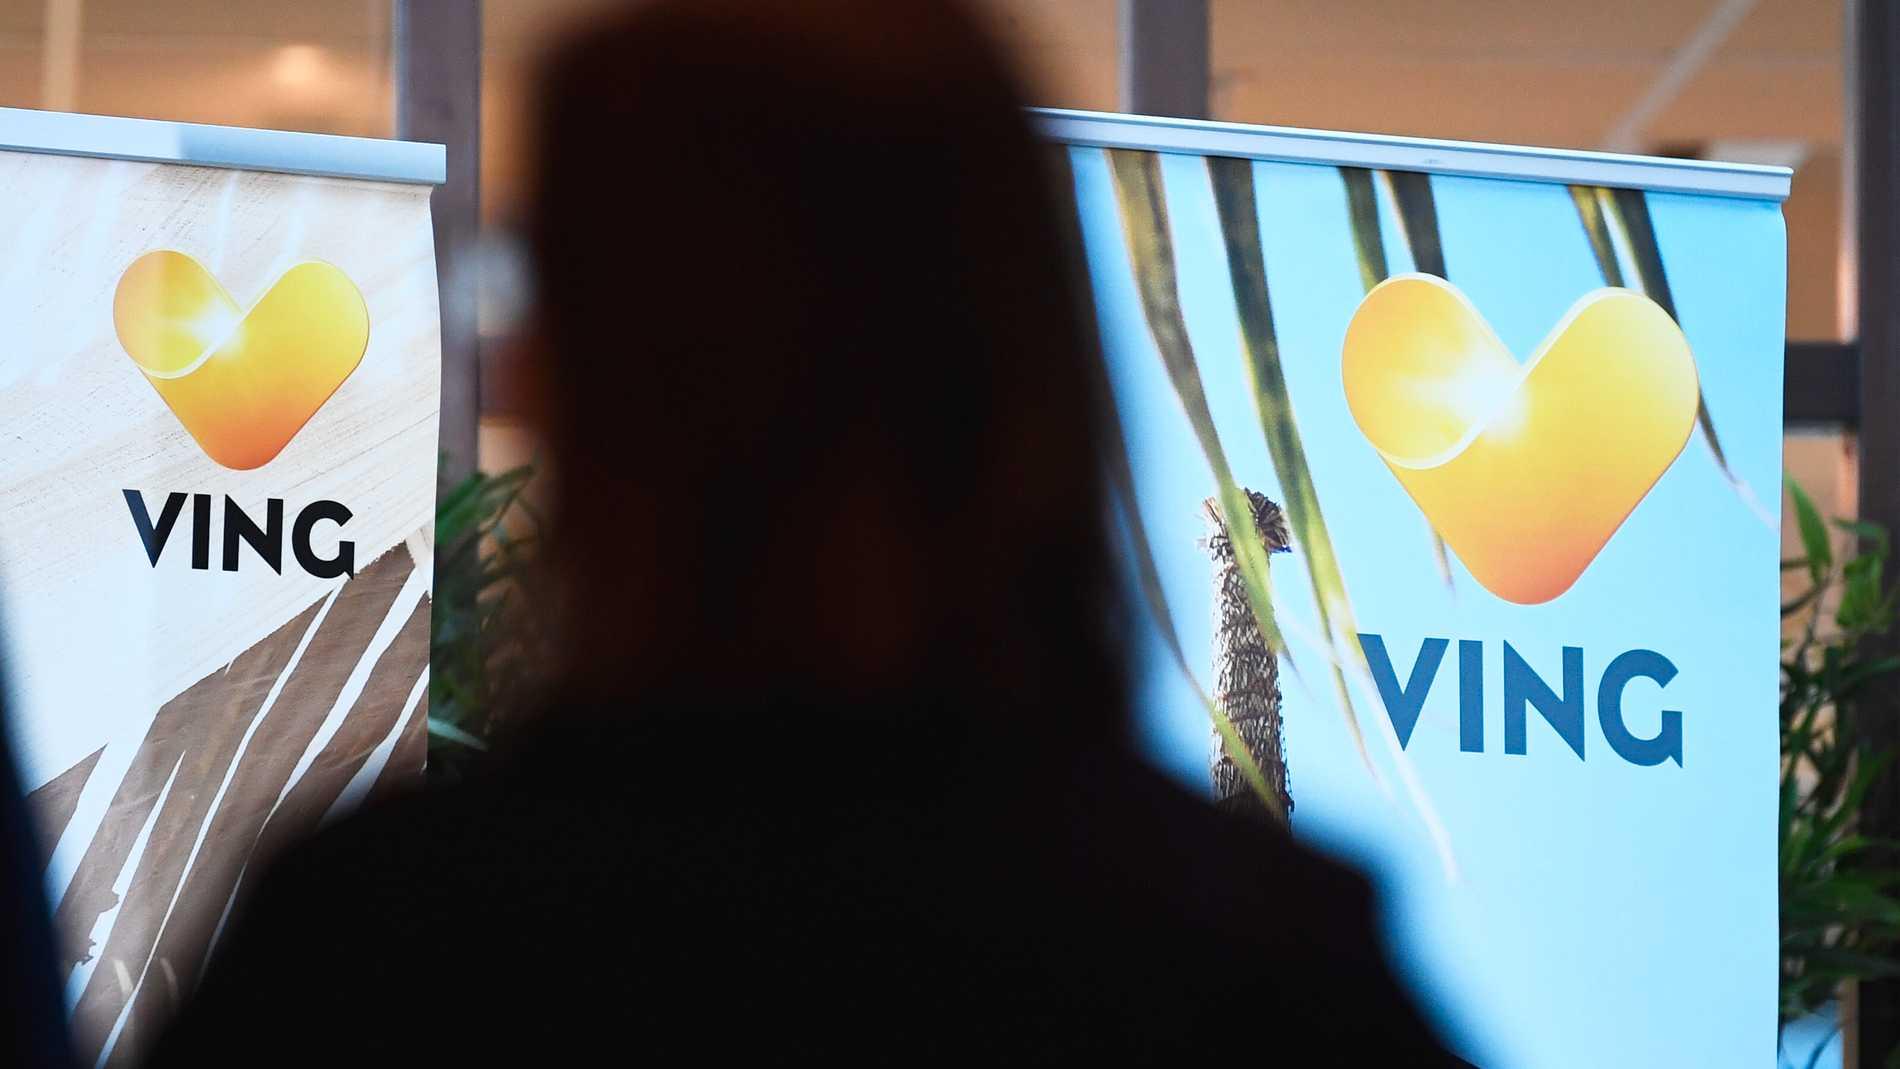 Ving kan sparka all svensk kabinpersonal